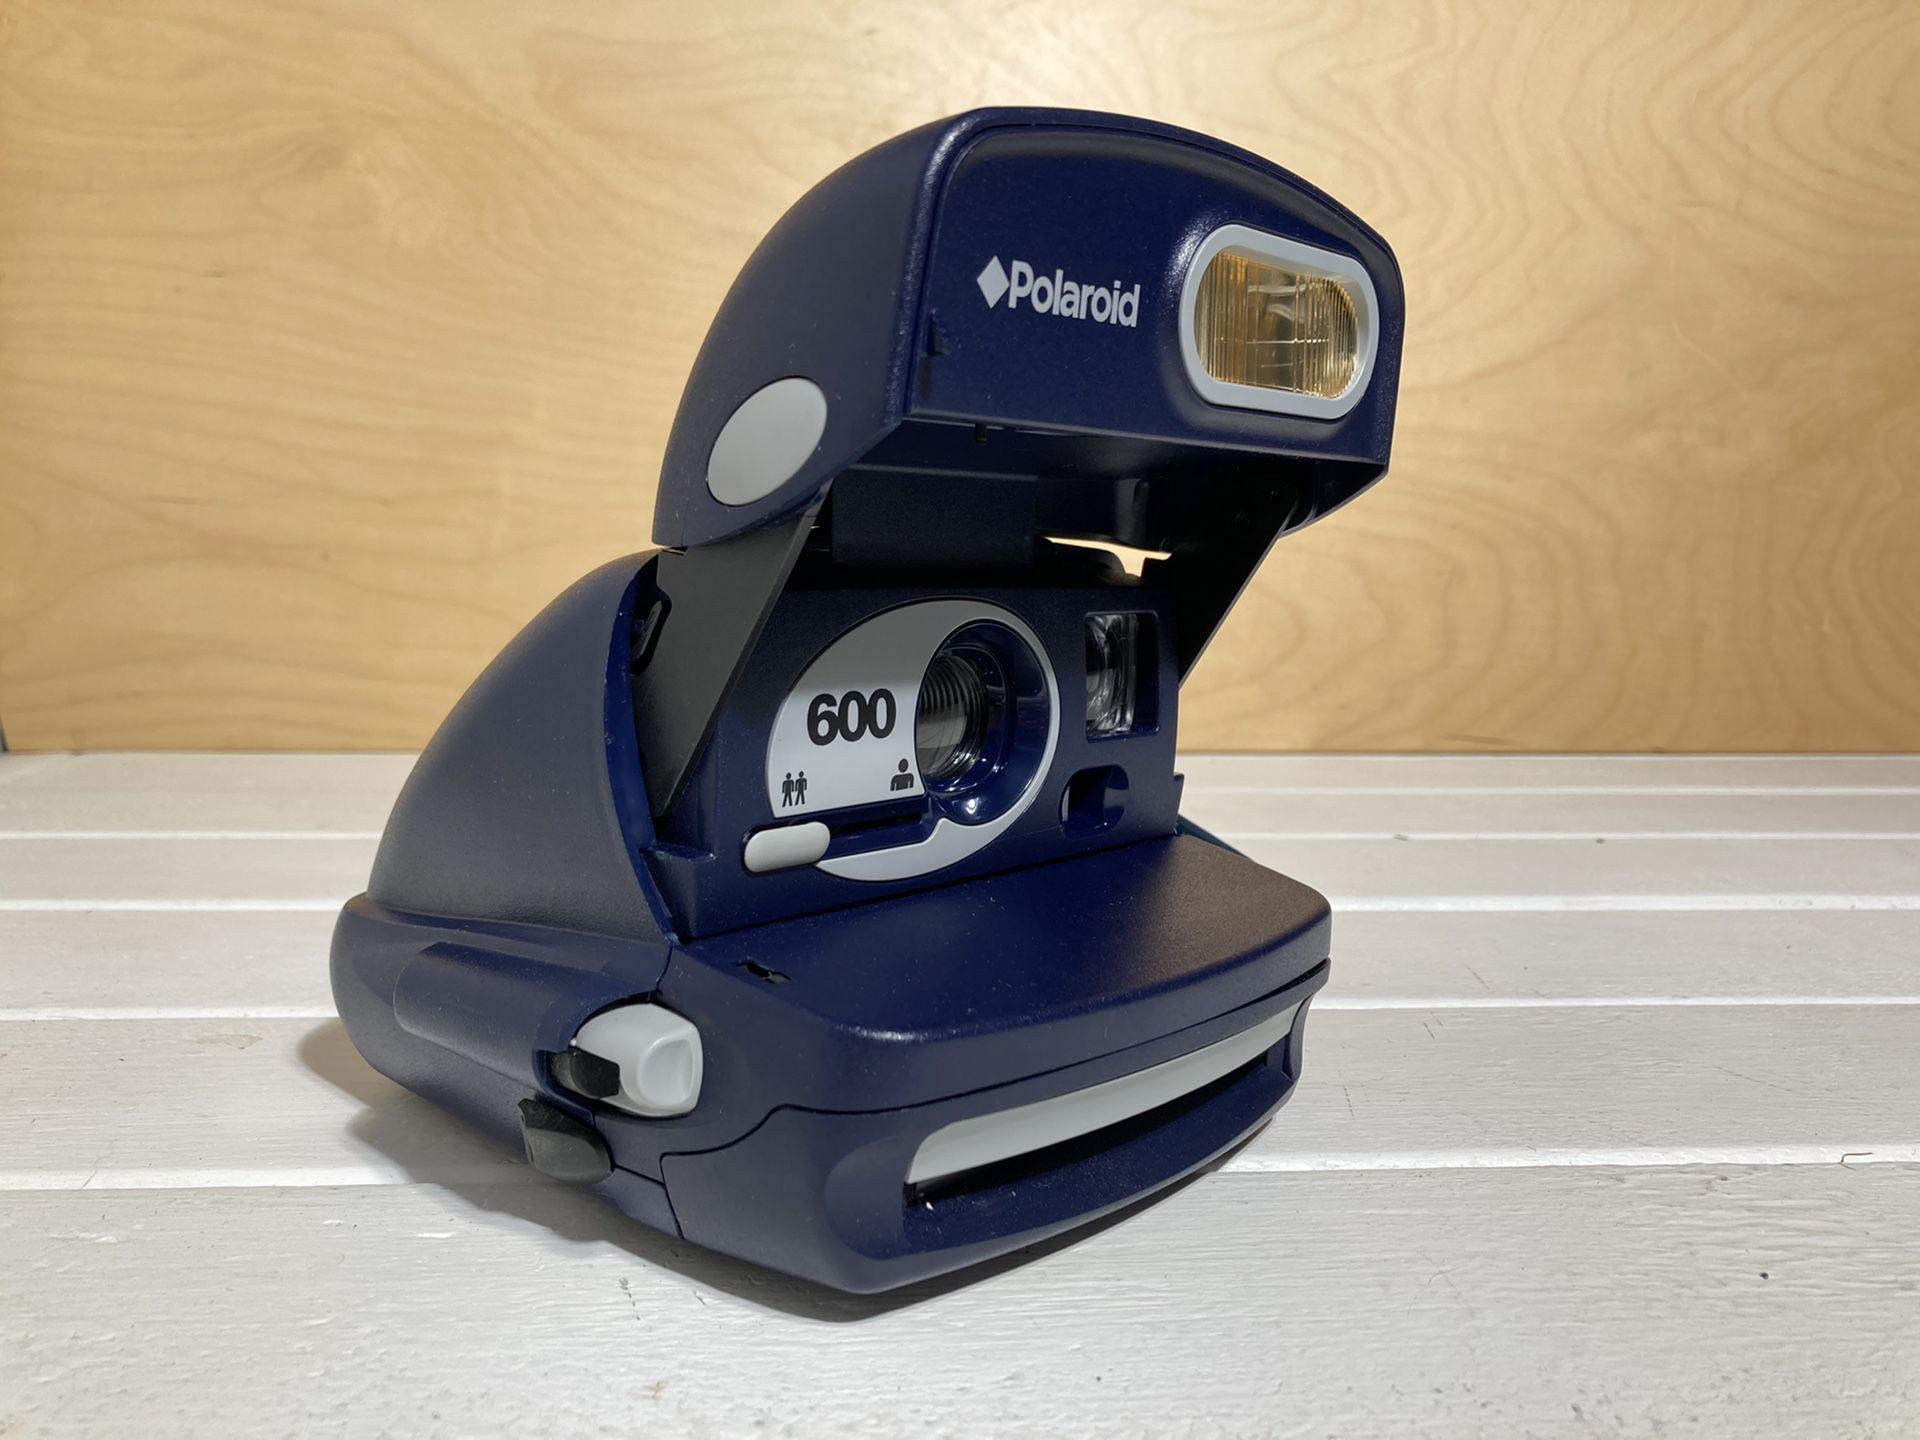 Polaroid 600 Instant Film Camera